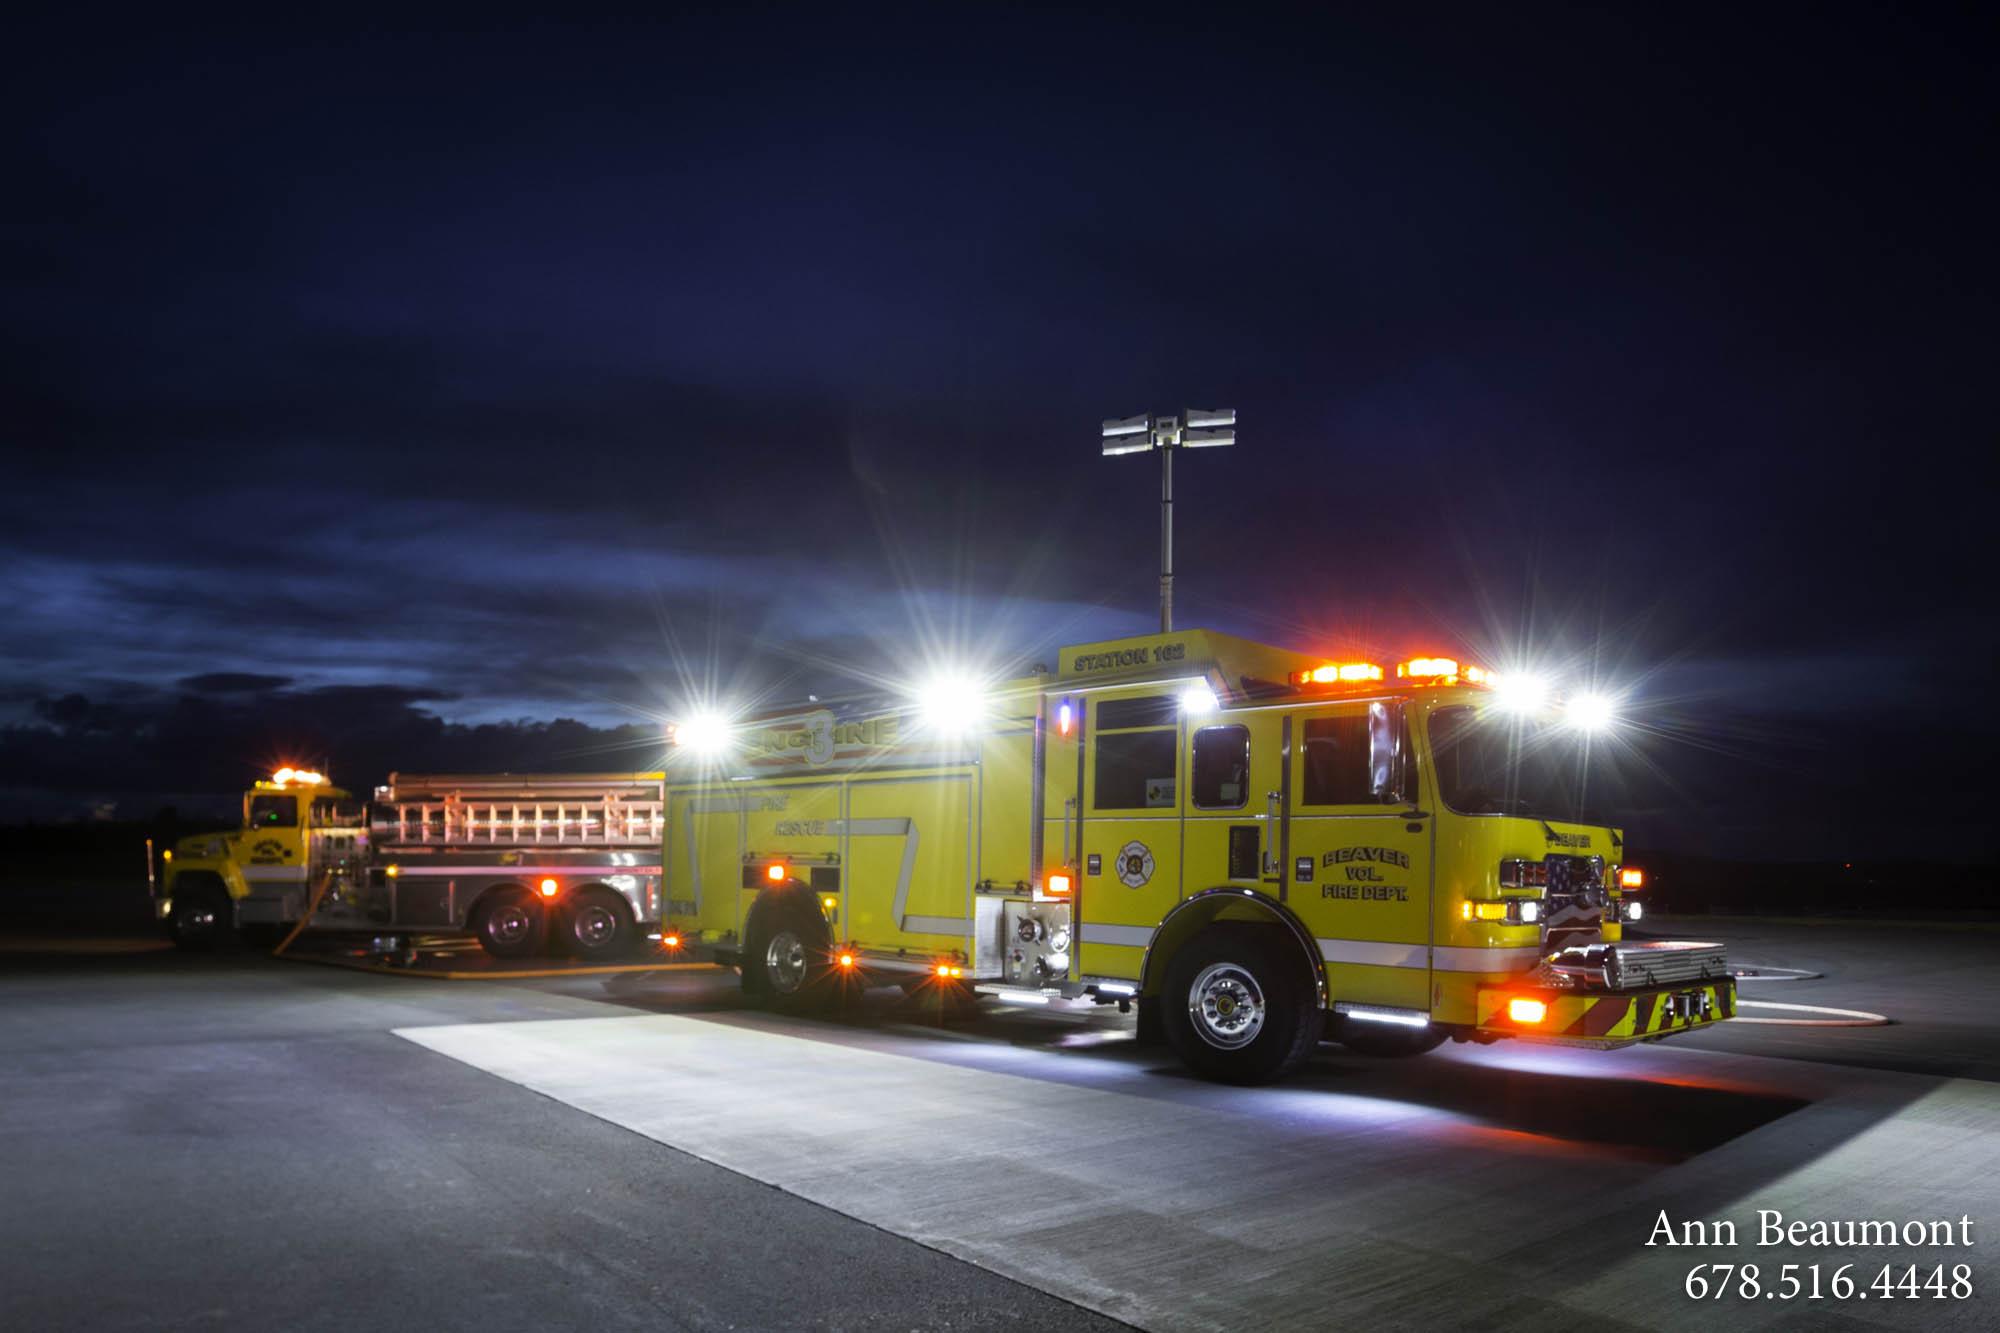 2014-01-14 RCMA Aircraft Fire Training-16